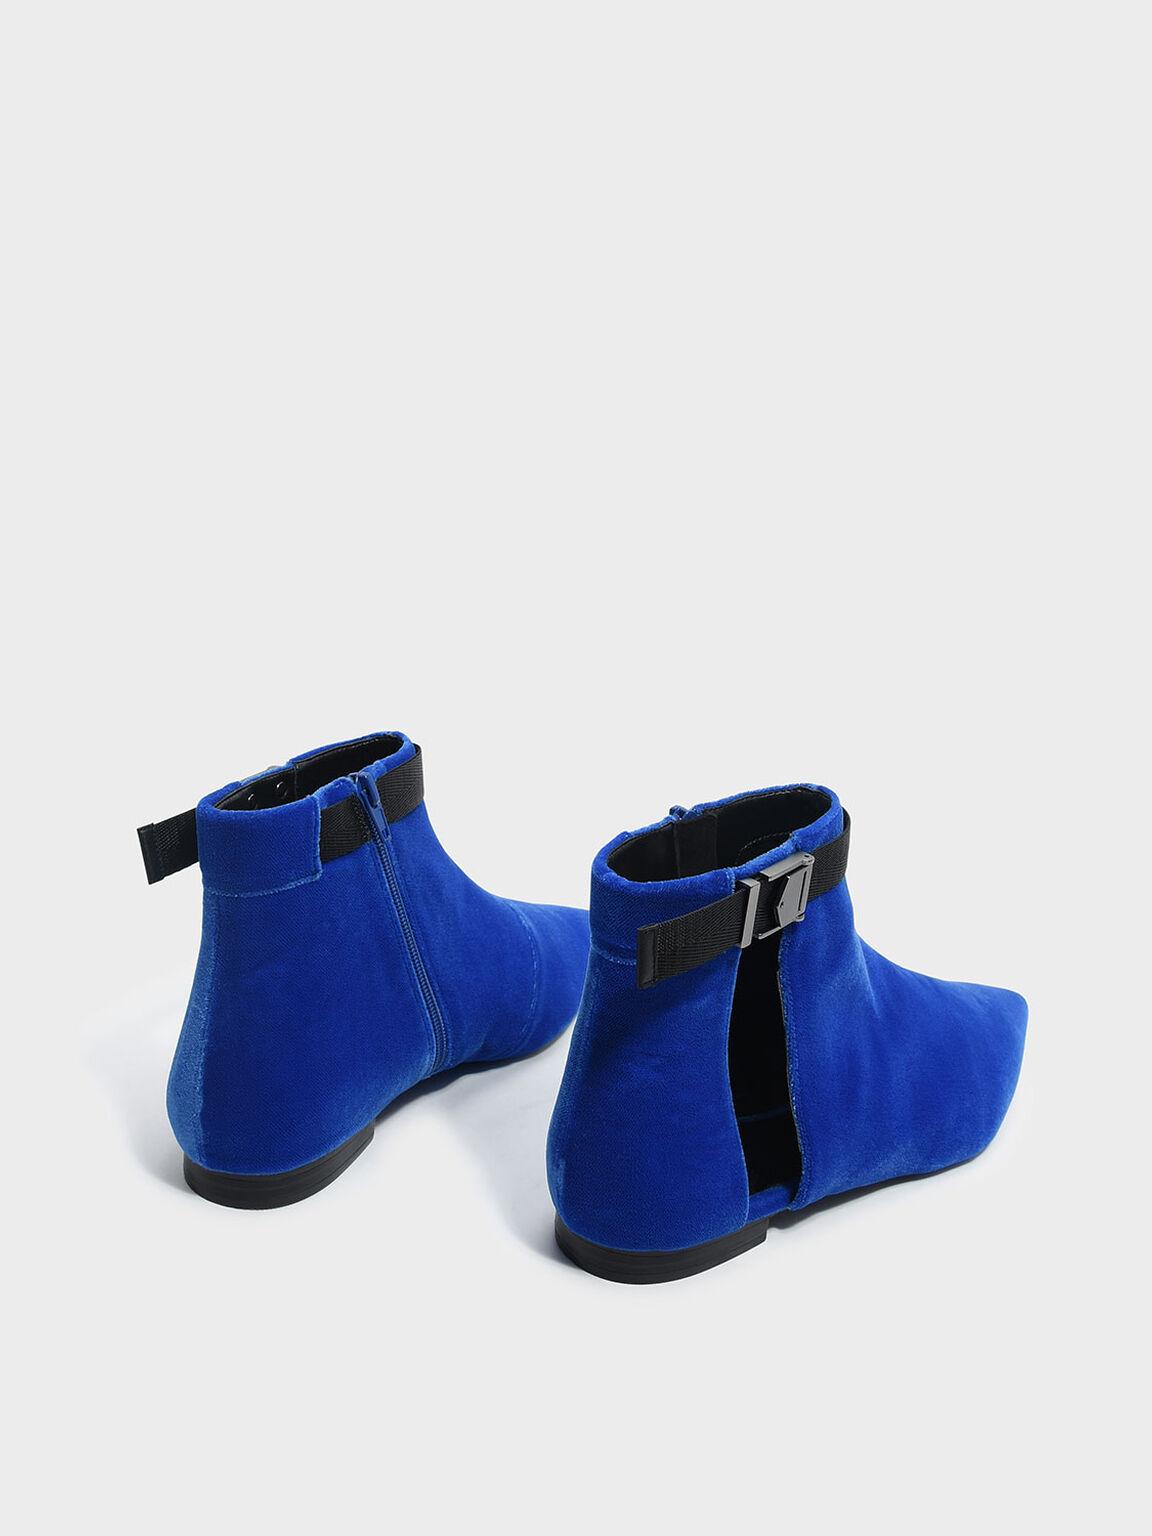 尖頭平底短靴, 藍色, hi-res